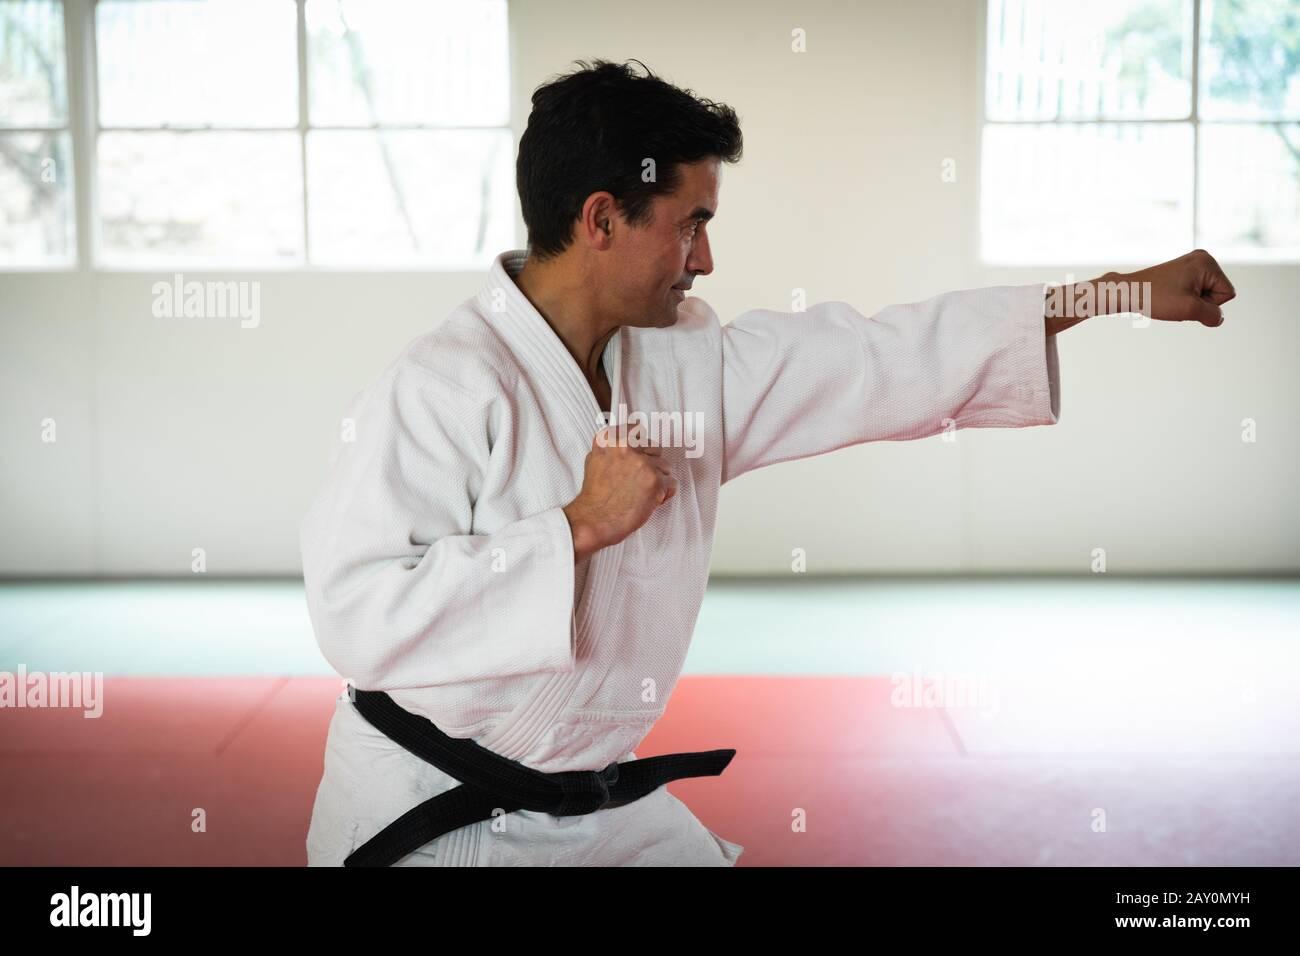 Judoka frappant une pose dans une salle de sport Banque D'Images